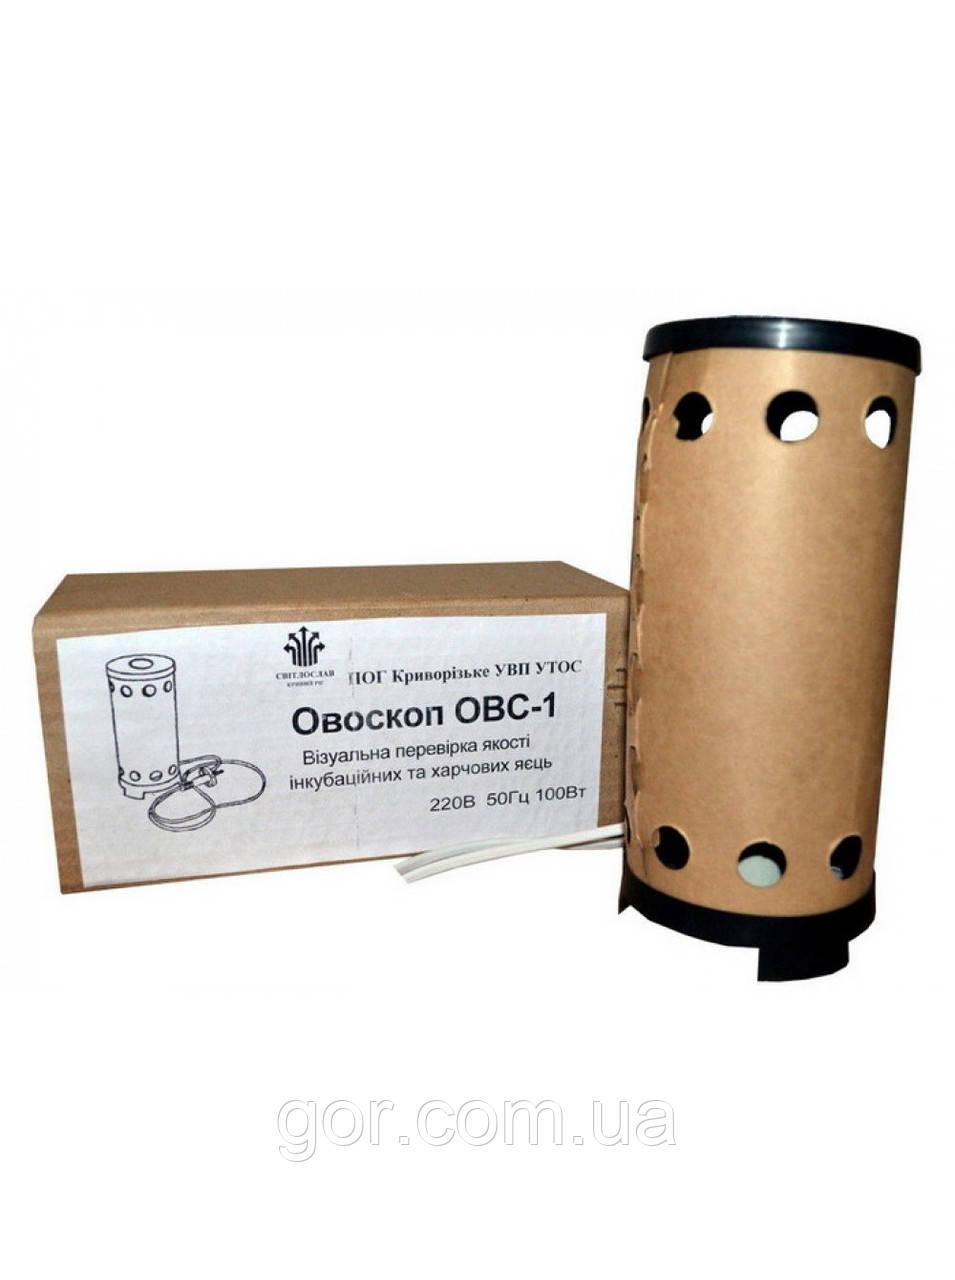 Овоскопом для перевірки яєць ОВС-1